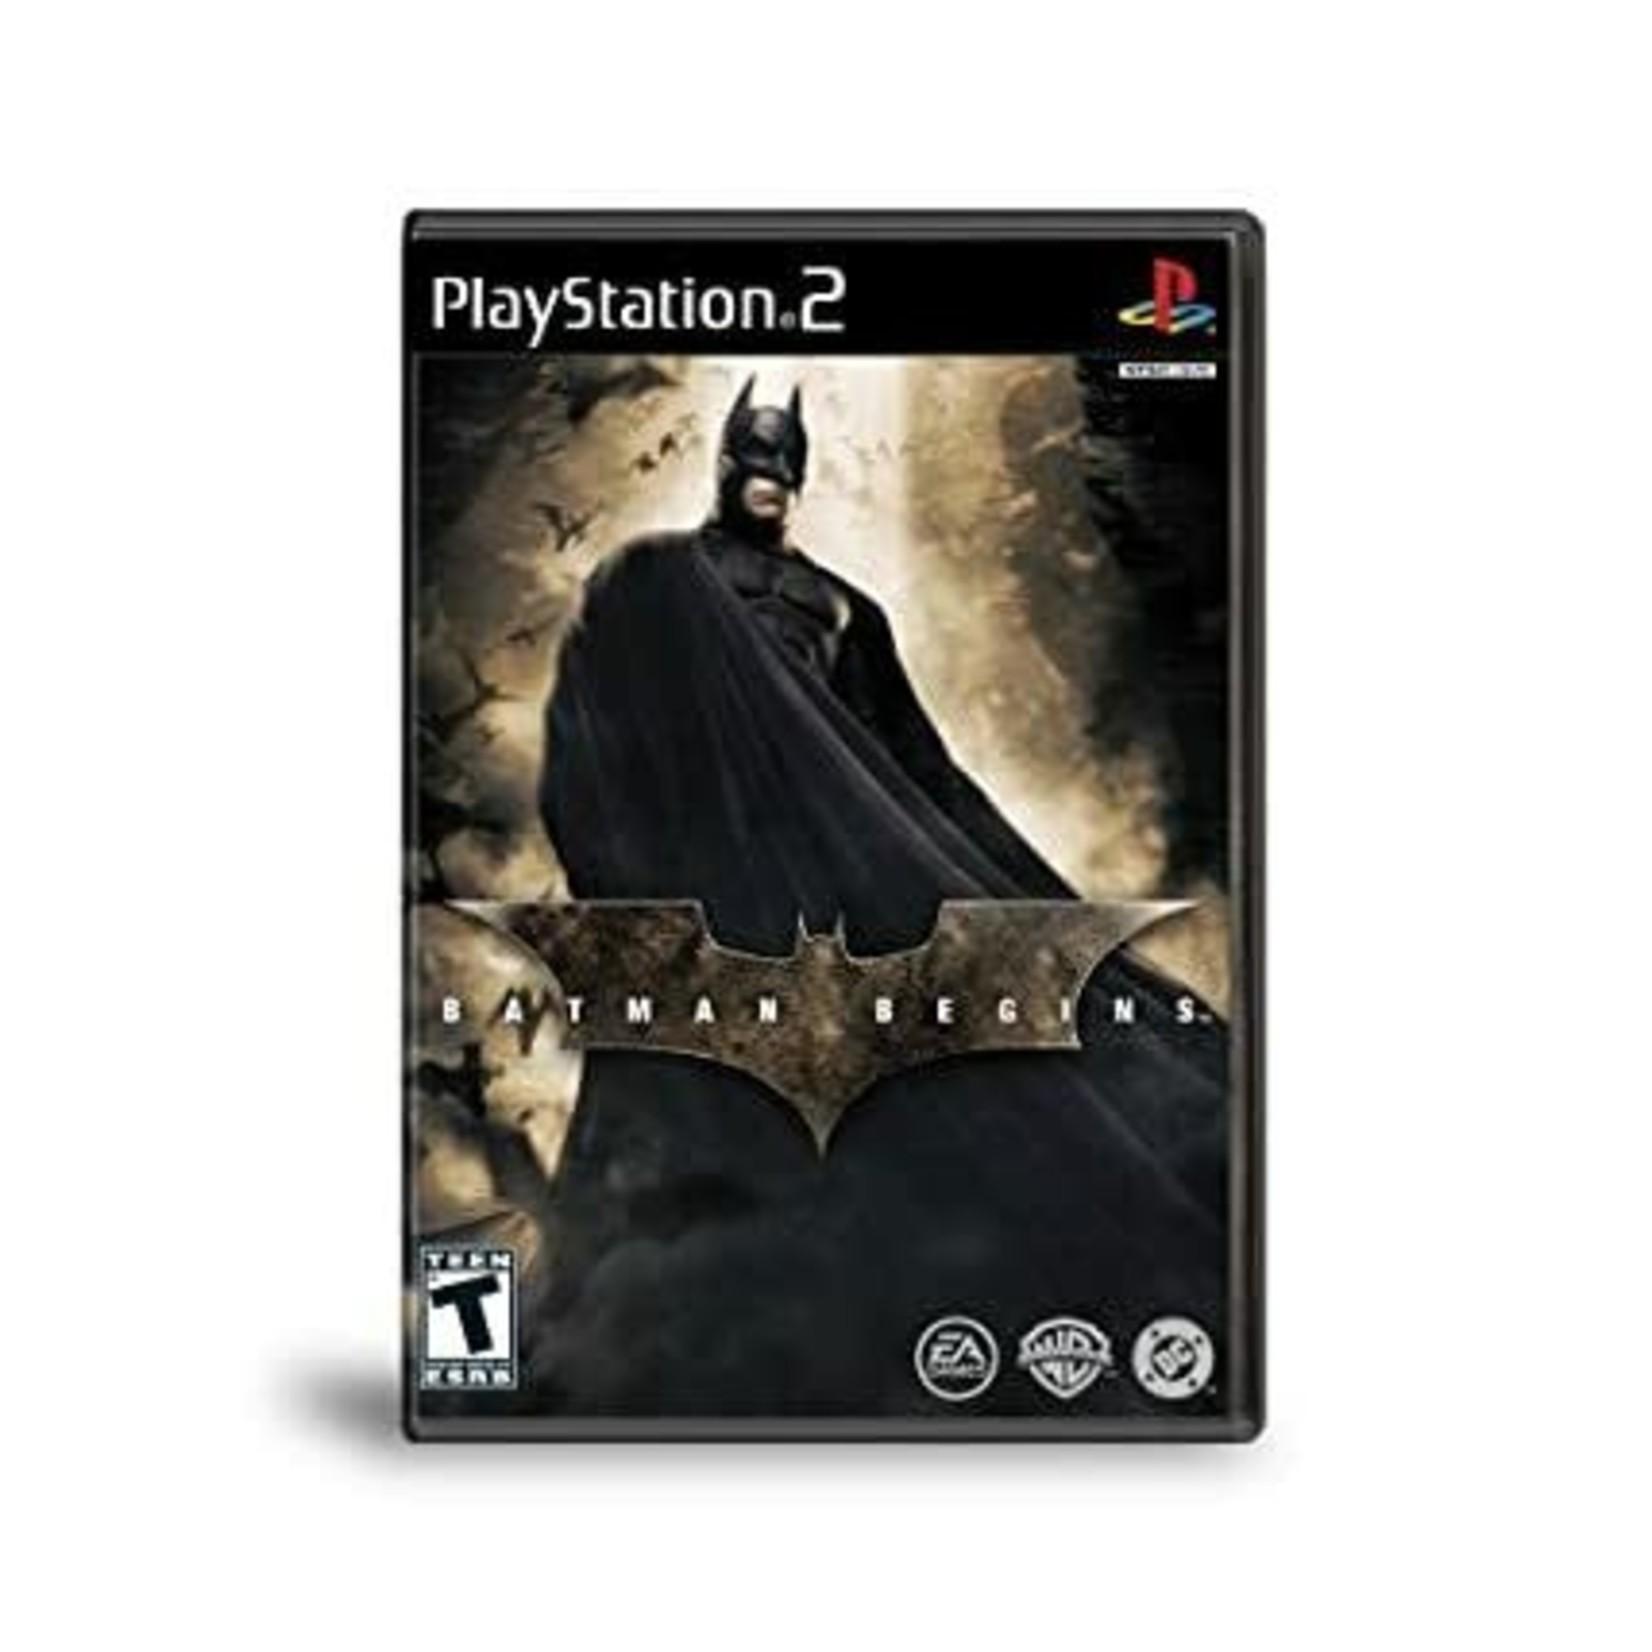 PS2U-Batman Begins